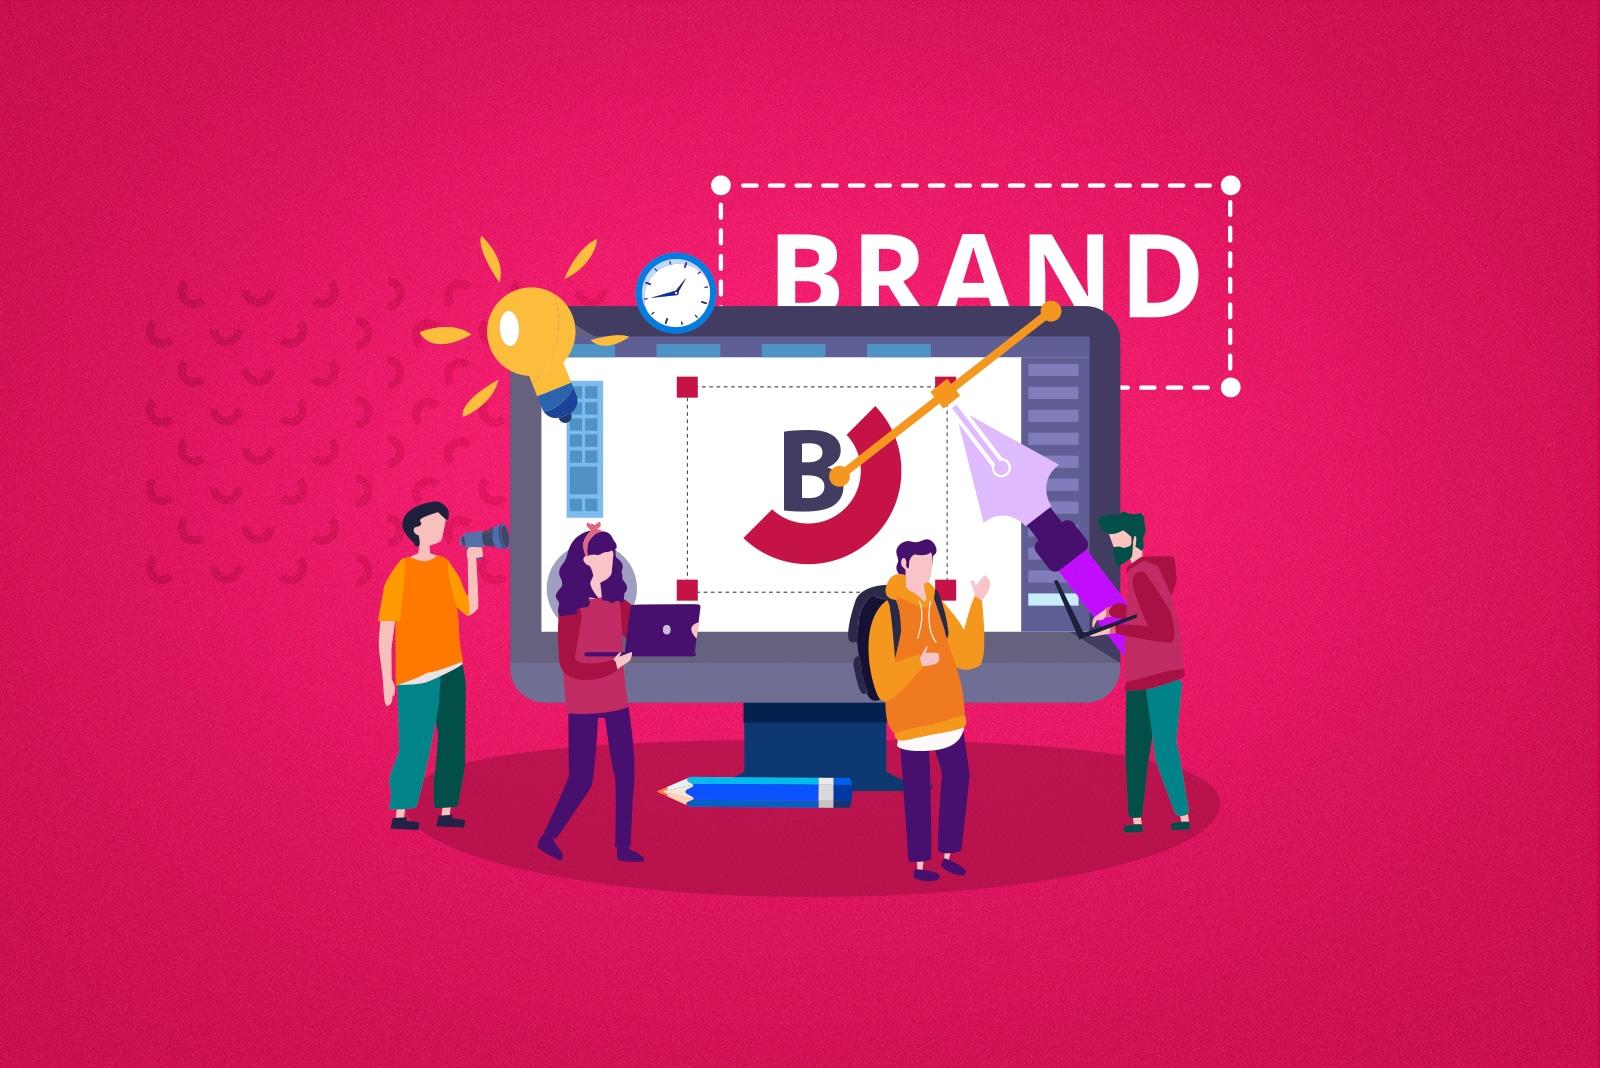 Como criar uma marca: aprenda o processo de branding